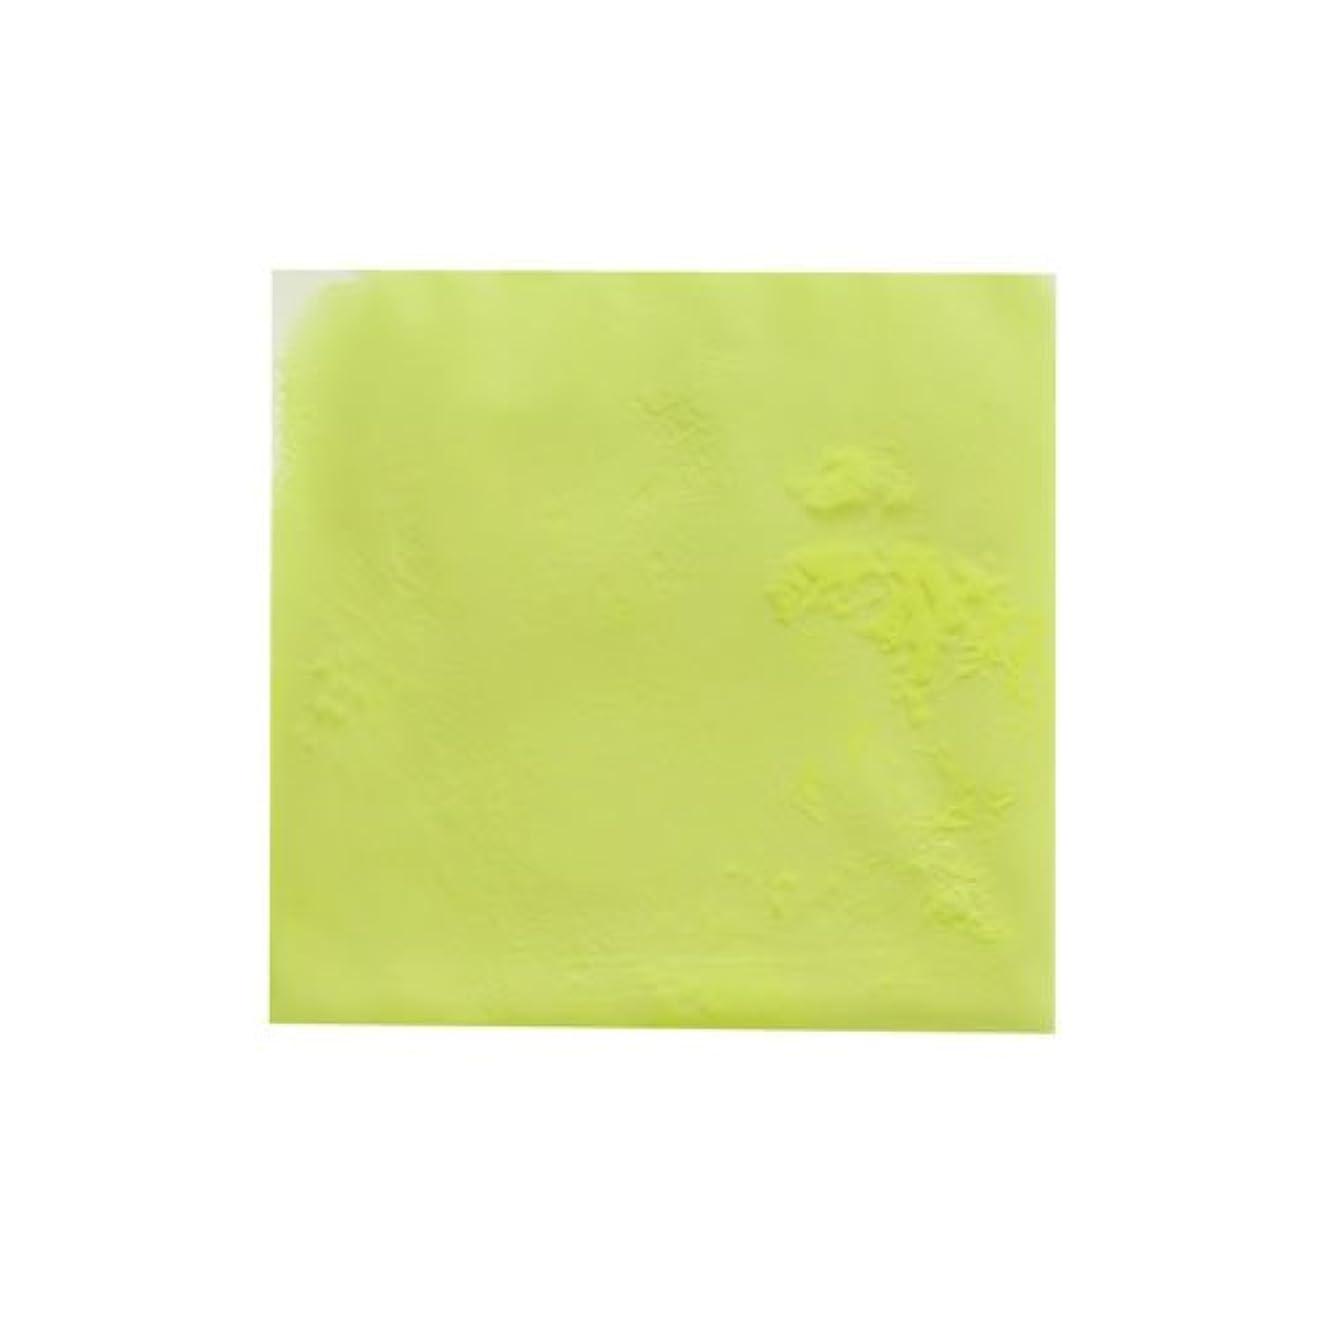 インカ帝国論理入札ピカエース ネイル用パウダー ピカエース 夜光顔料 蓄光性 #105 レモン 3g アート材